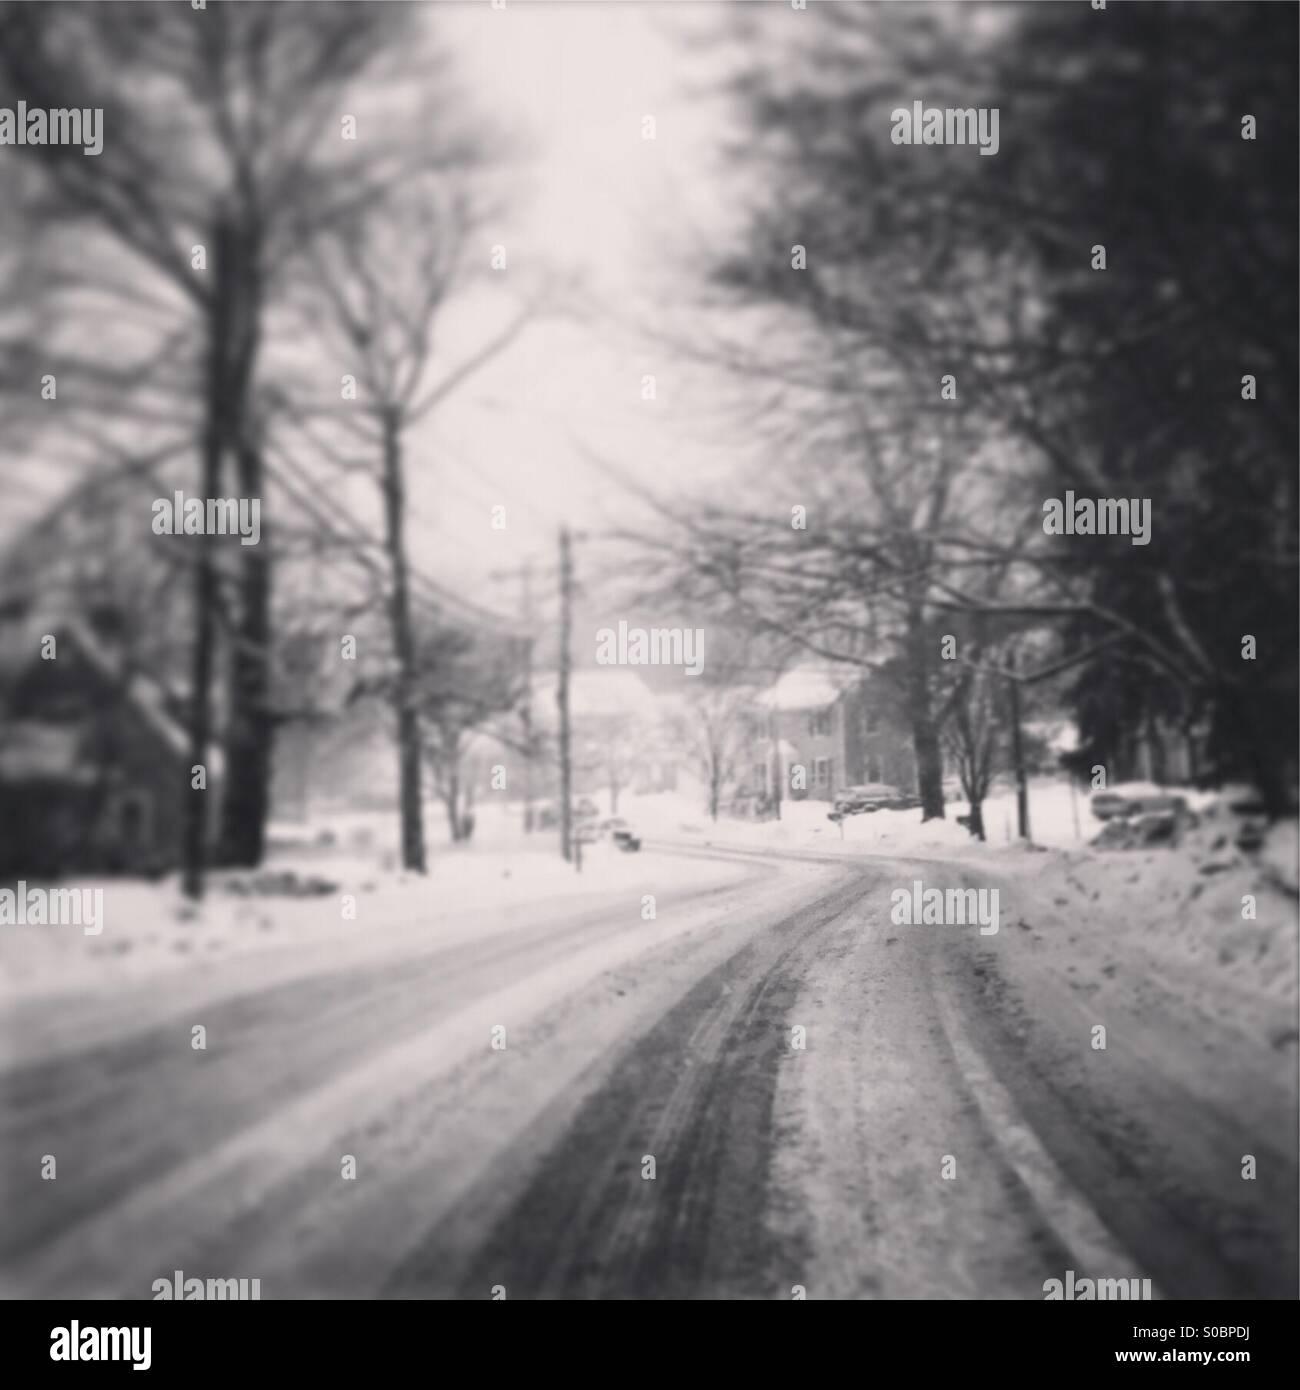 Snowy street nella regione nord-est degli STATI UNITI D'AMERICA Foto Stock